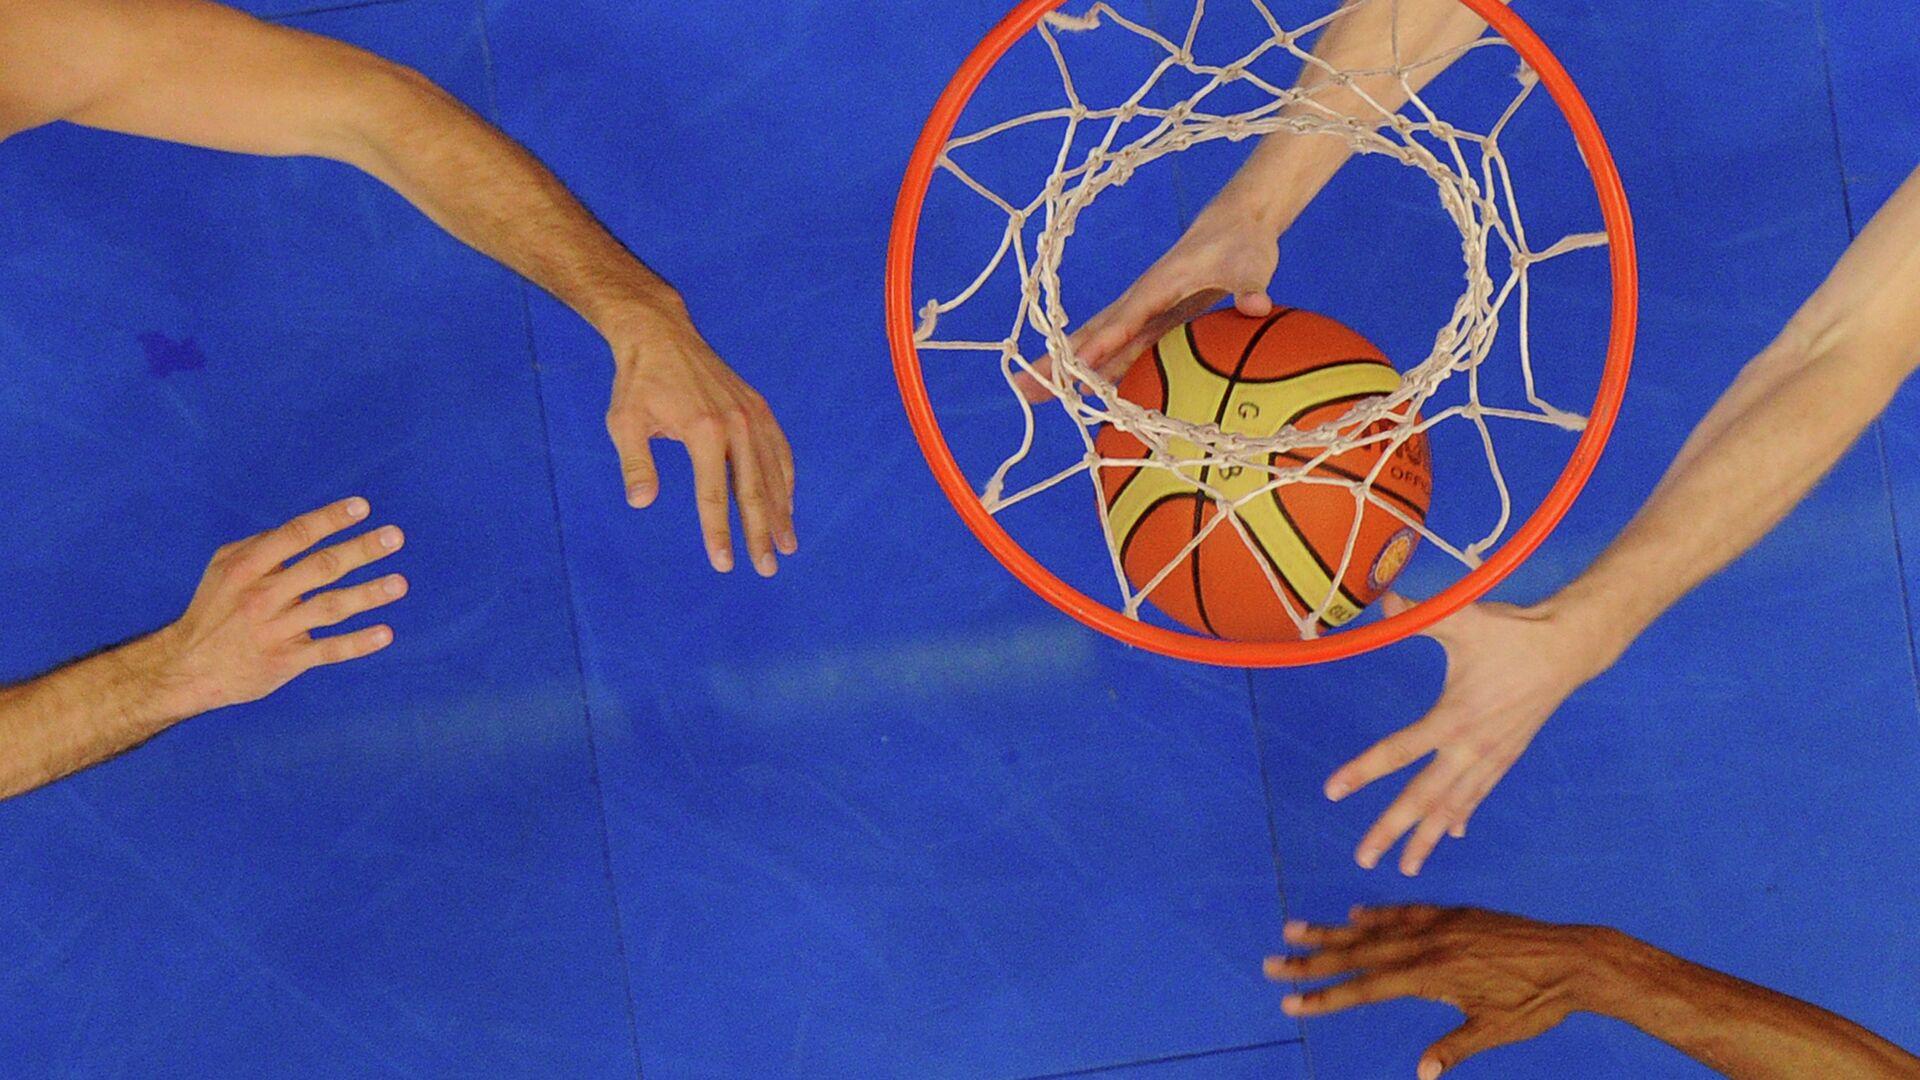 Баскетбольный мяч в кольце - РИА Новости, 1920, 08.09.2020